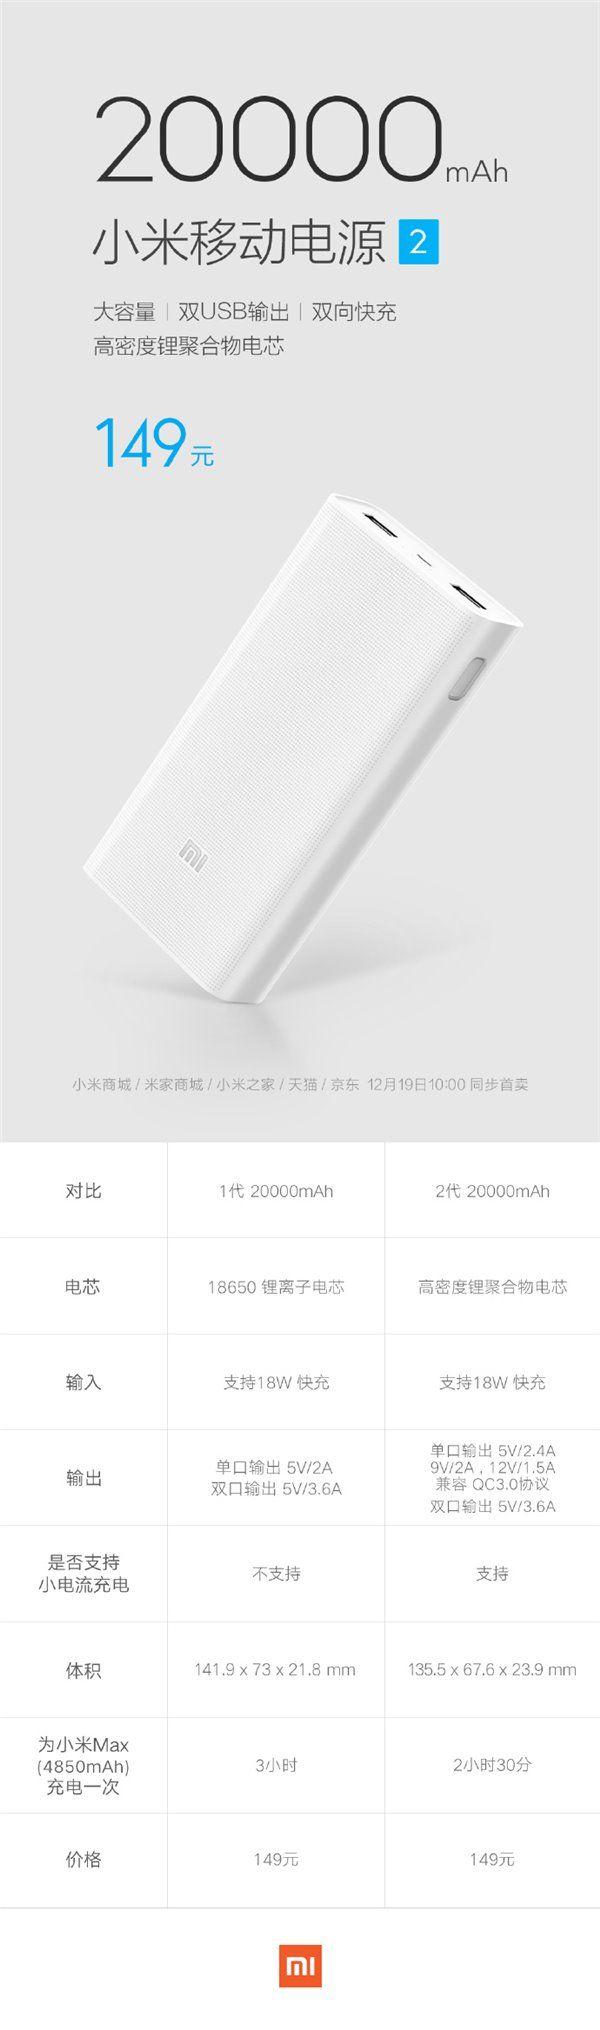 Xiaomi вывела на рынок Power Bank на 20000 мАч нового поколения – фото 1